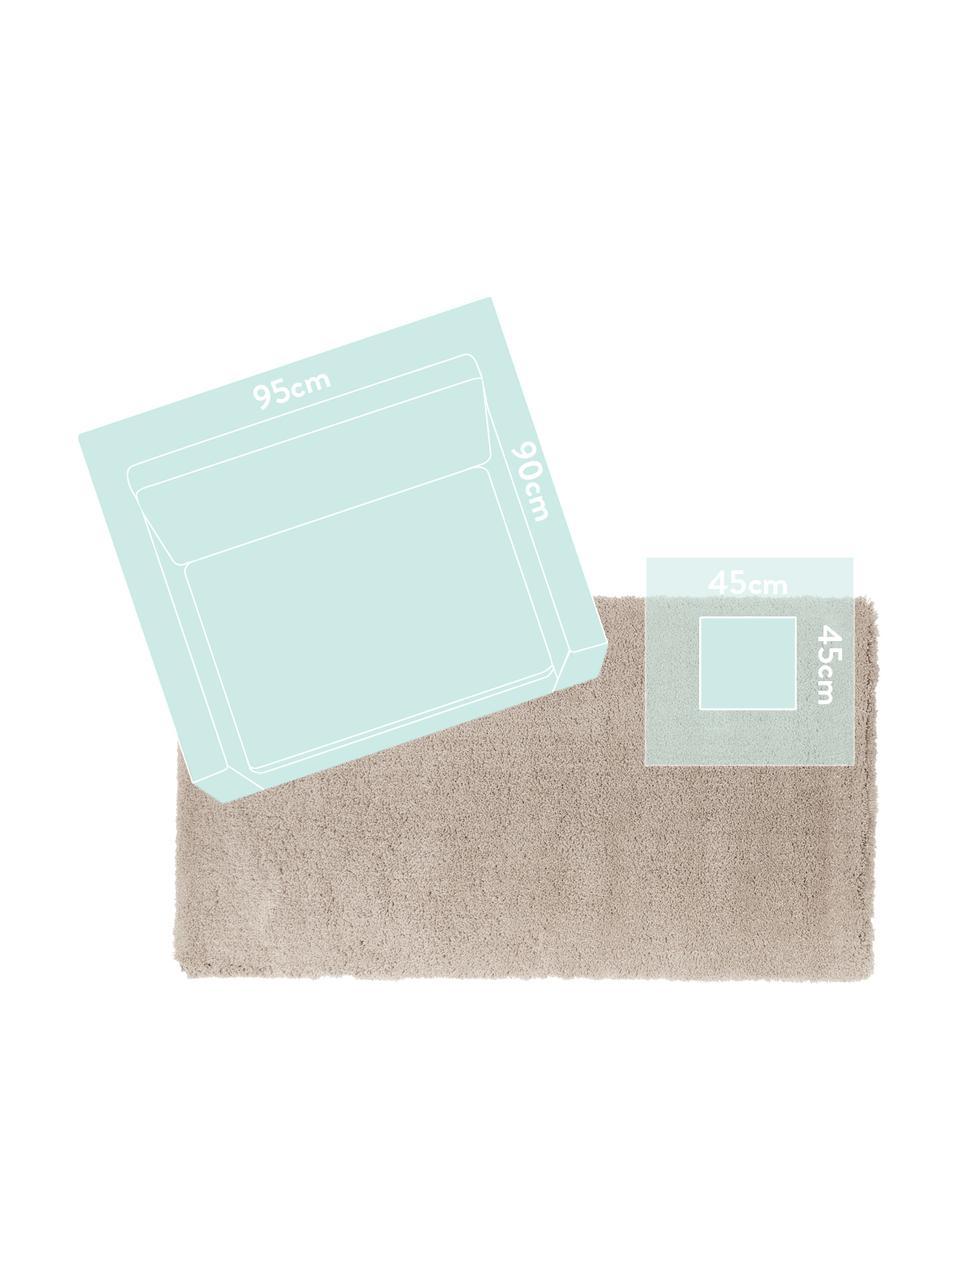 Tappeto peloso morbido beige Leighton, Retro: 70% poliestere, 30% coton, Beige-marrone, Larg. 200 x Lung. 300 cm (taglia L)